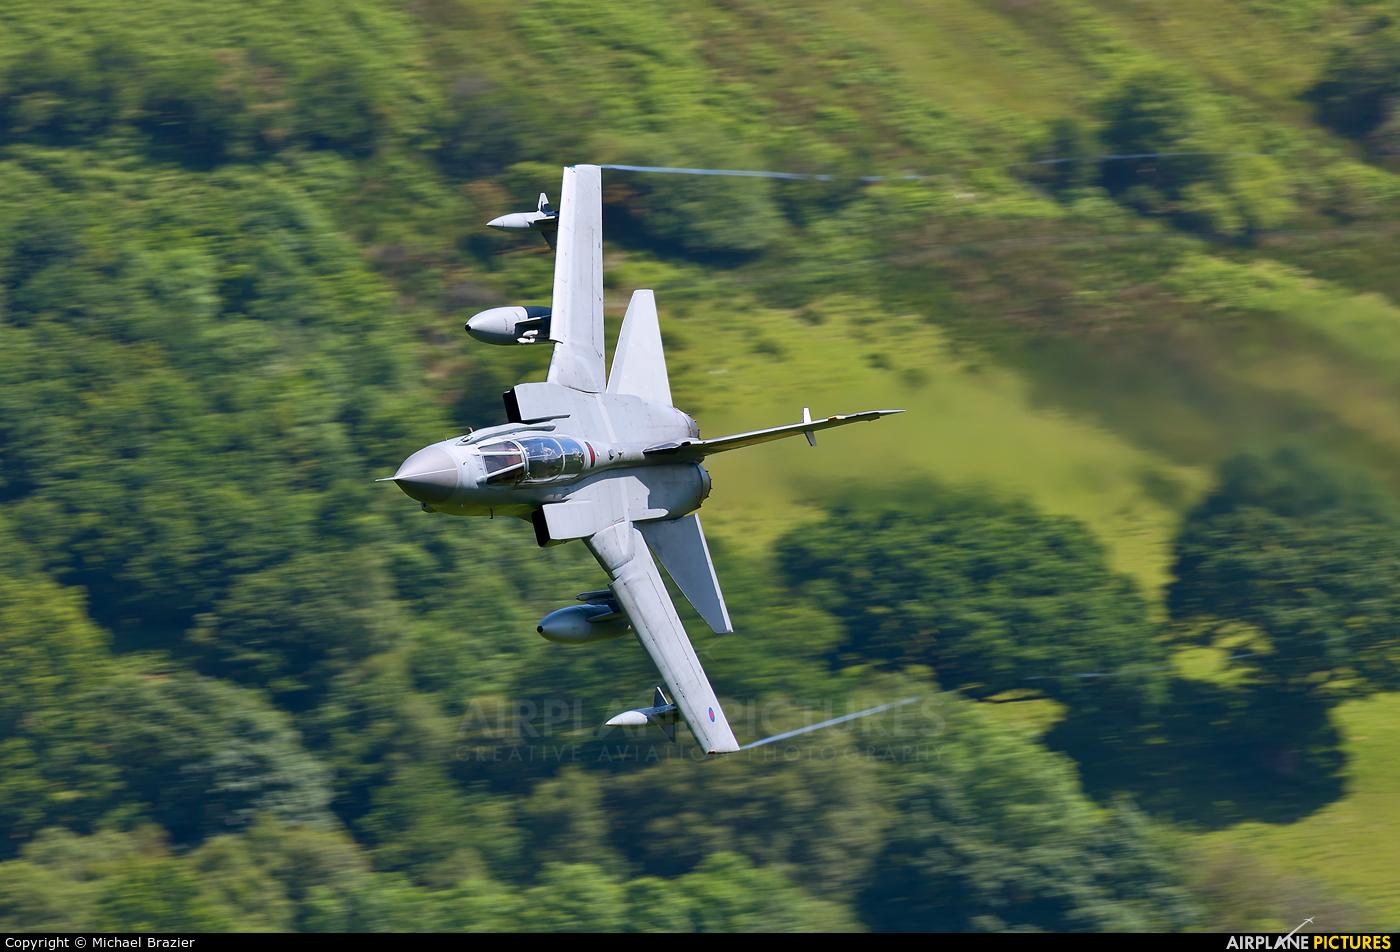 Royal Air Force ZG752 aircraft at Machynlleth Loop - LFA 7